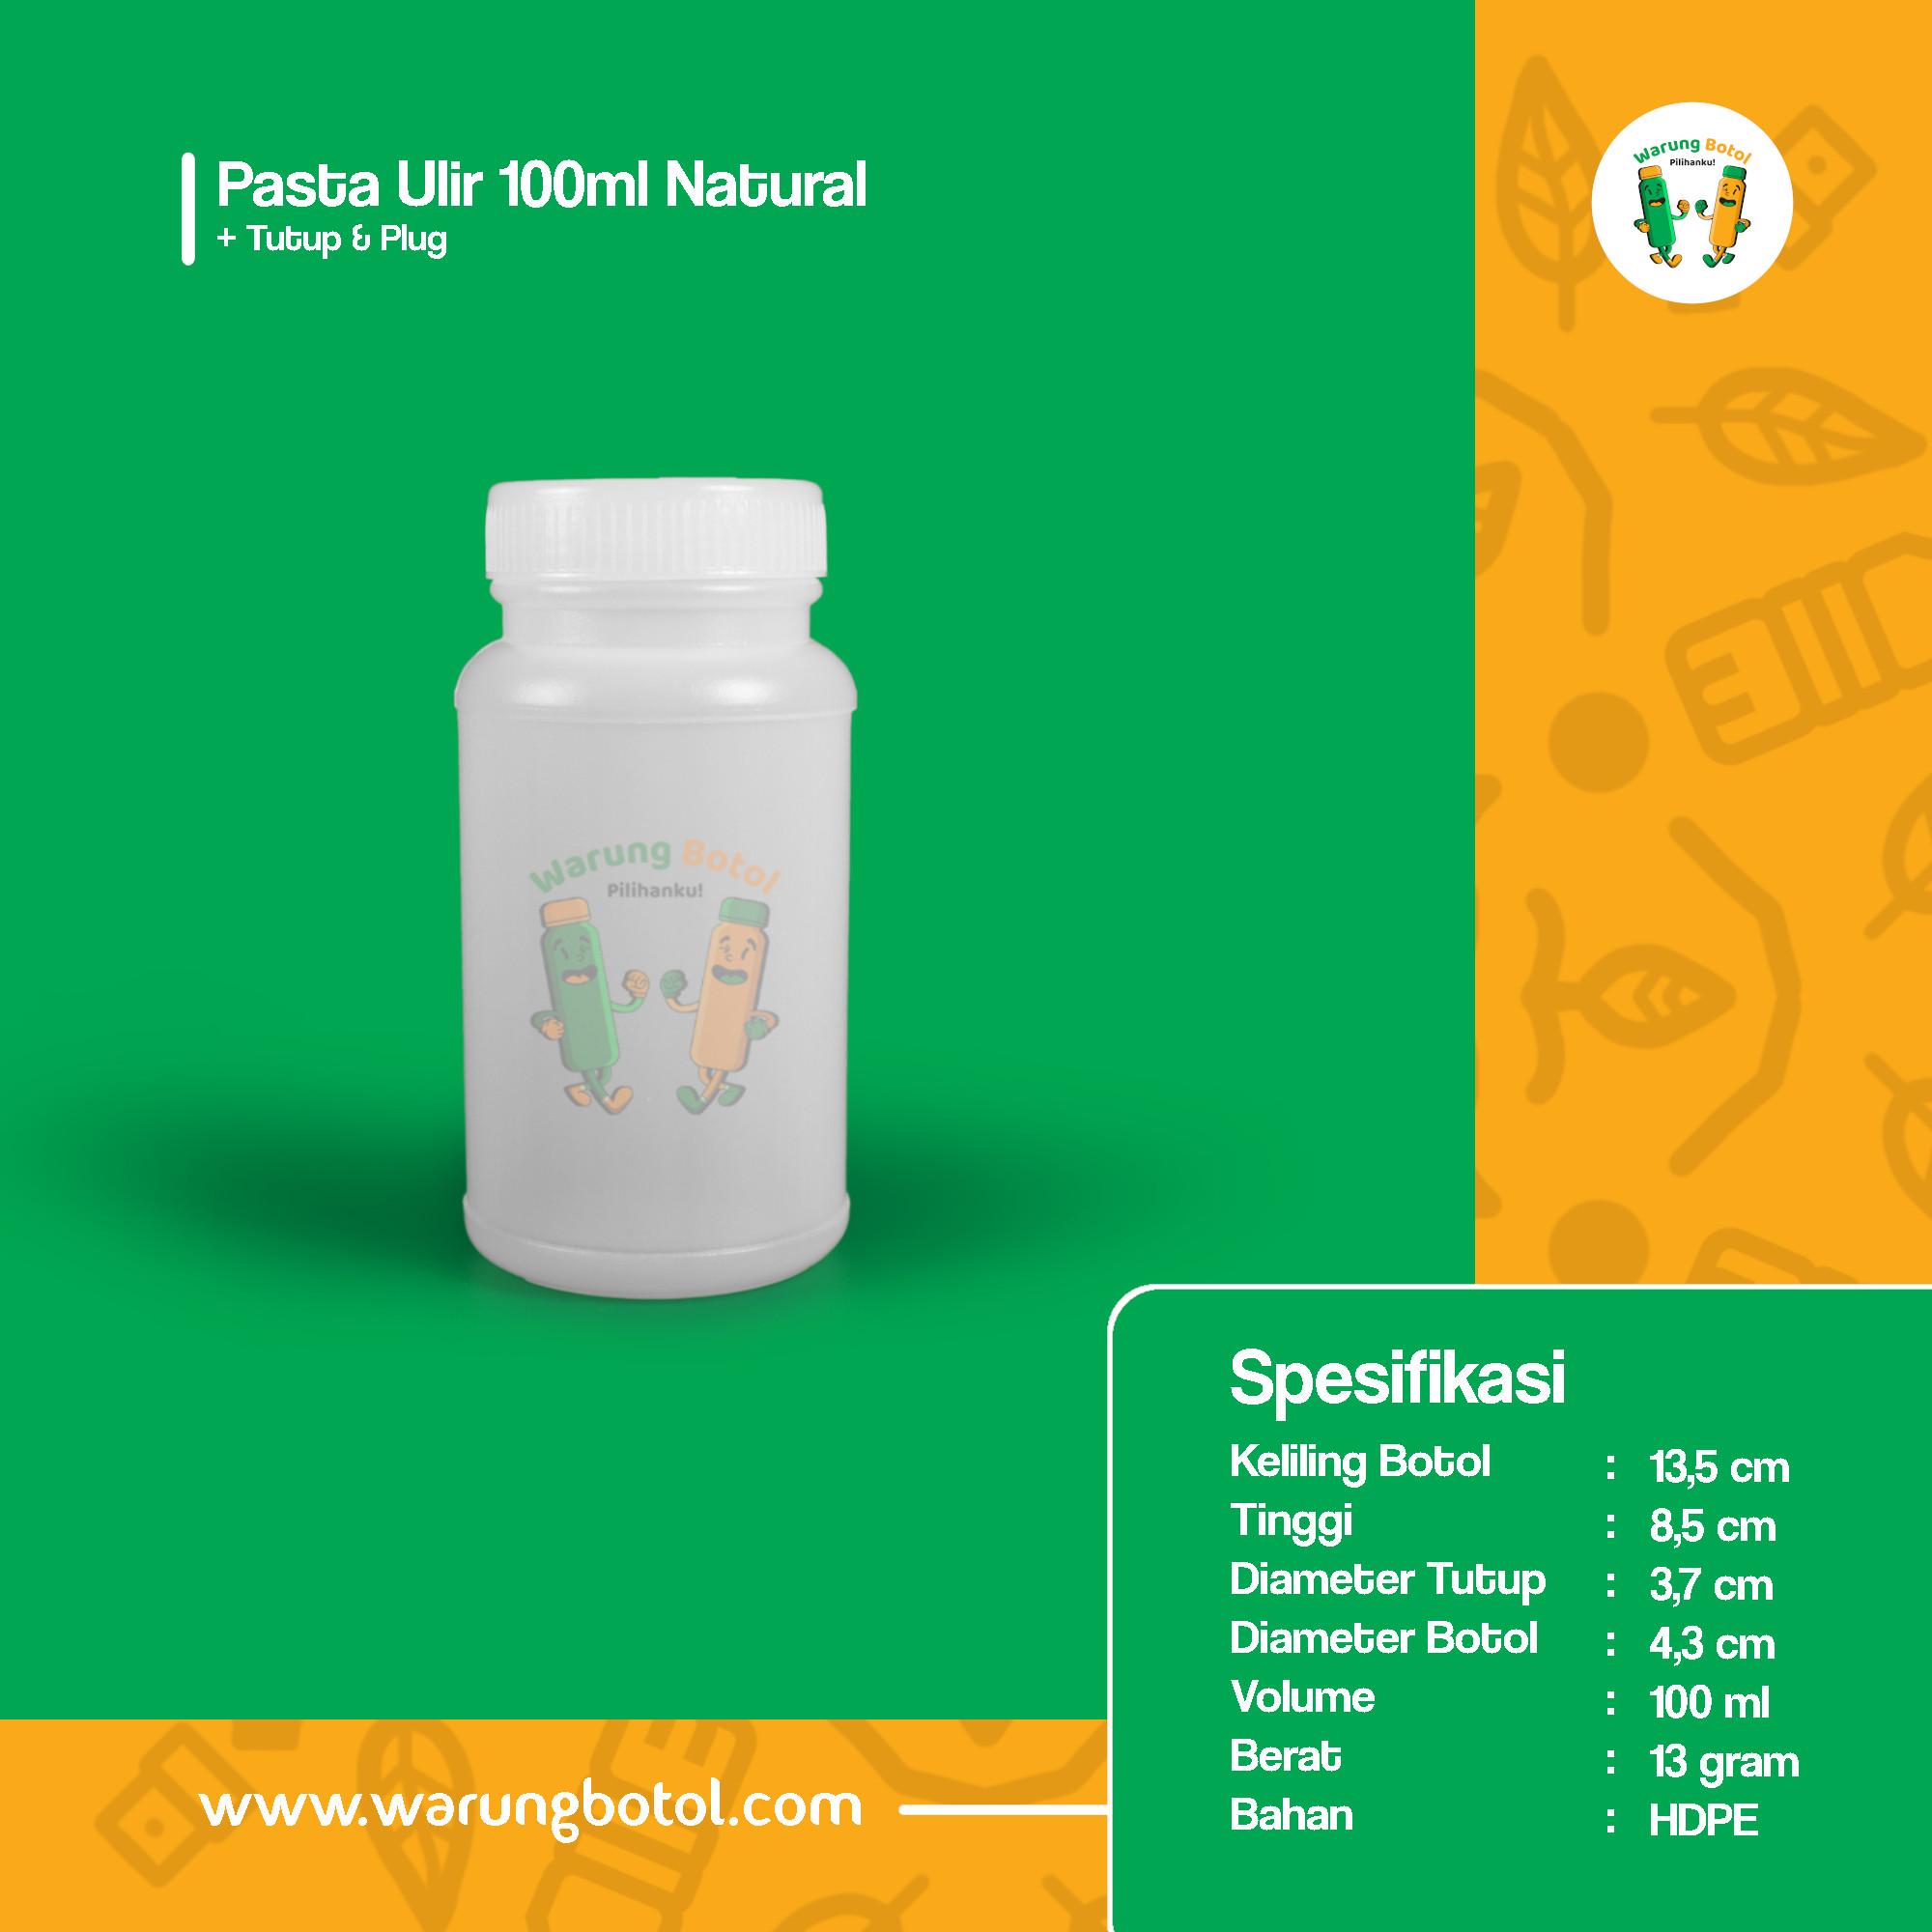 distributor toko jual botol plastik untuk obat kimia tablet kapsul herbal 100ml putih murah terdekat bandung jakarta bogor bekasi